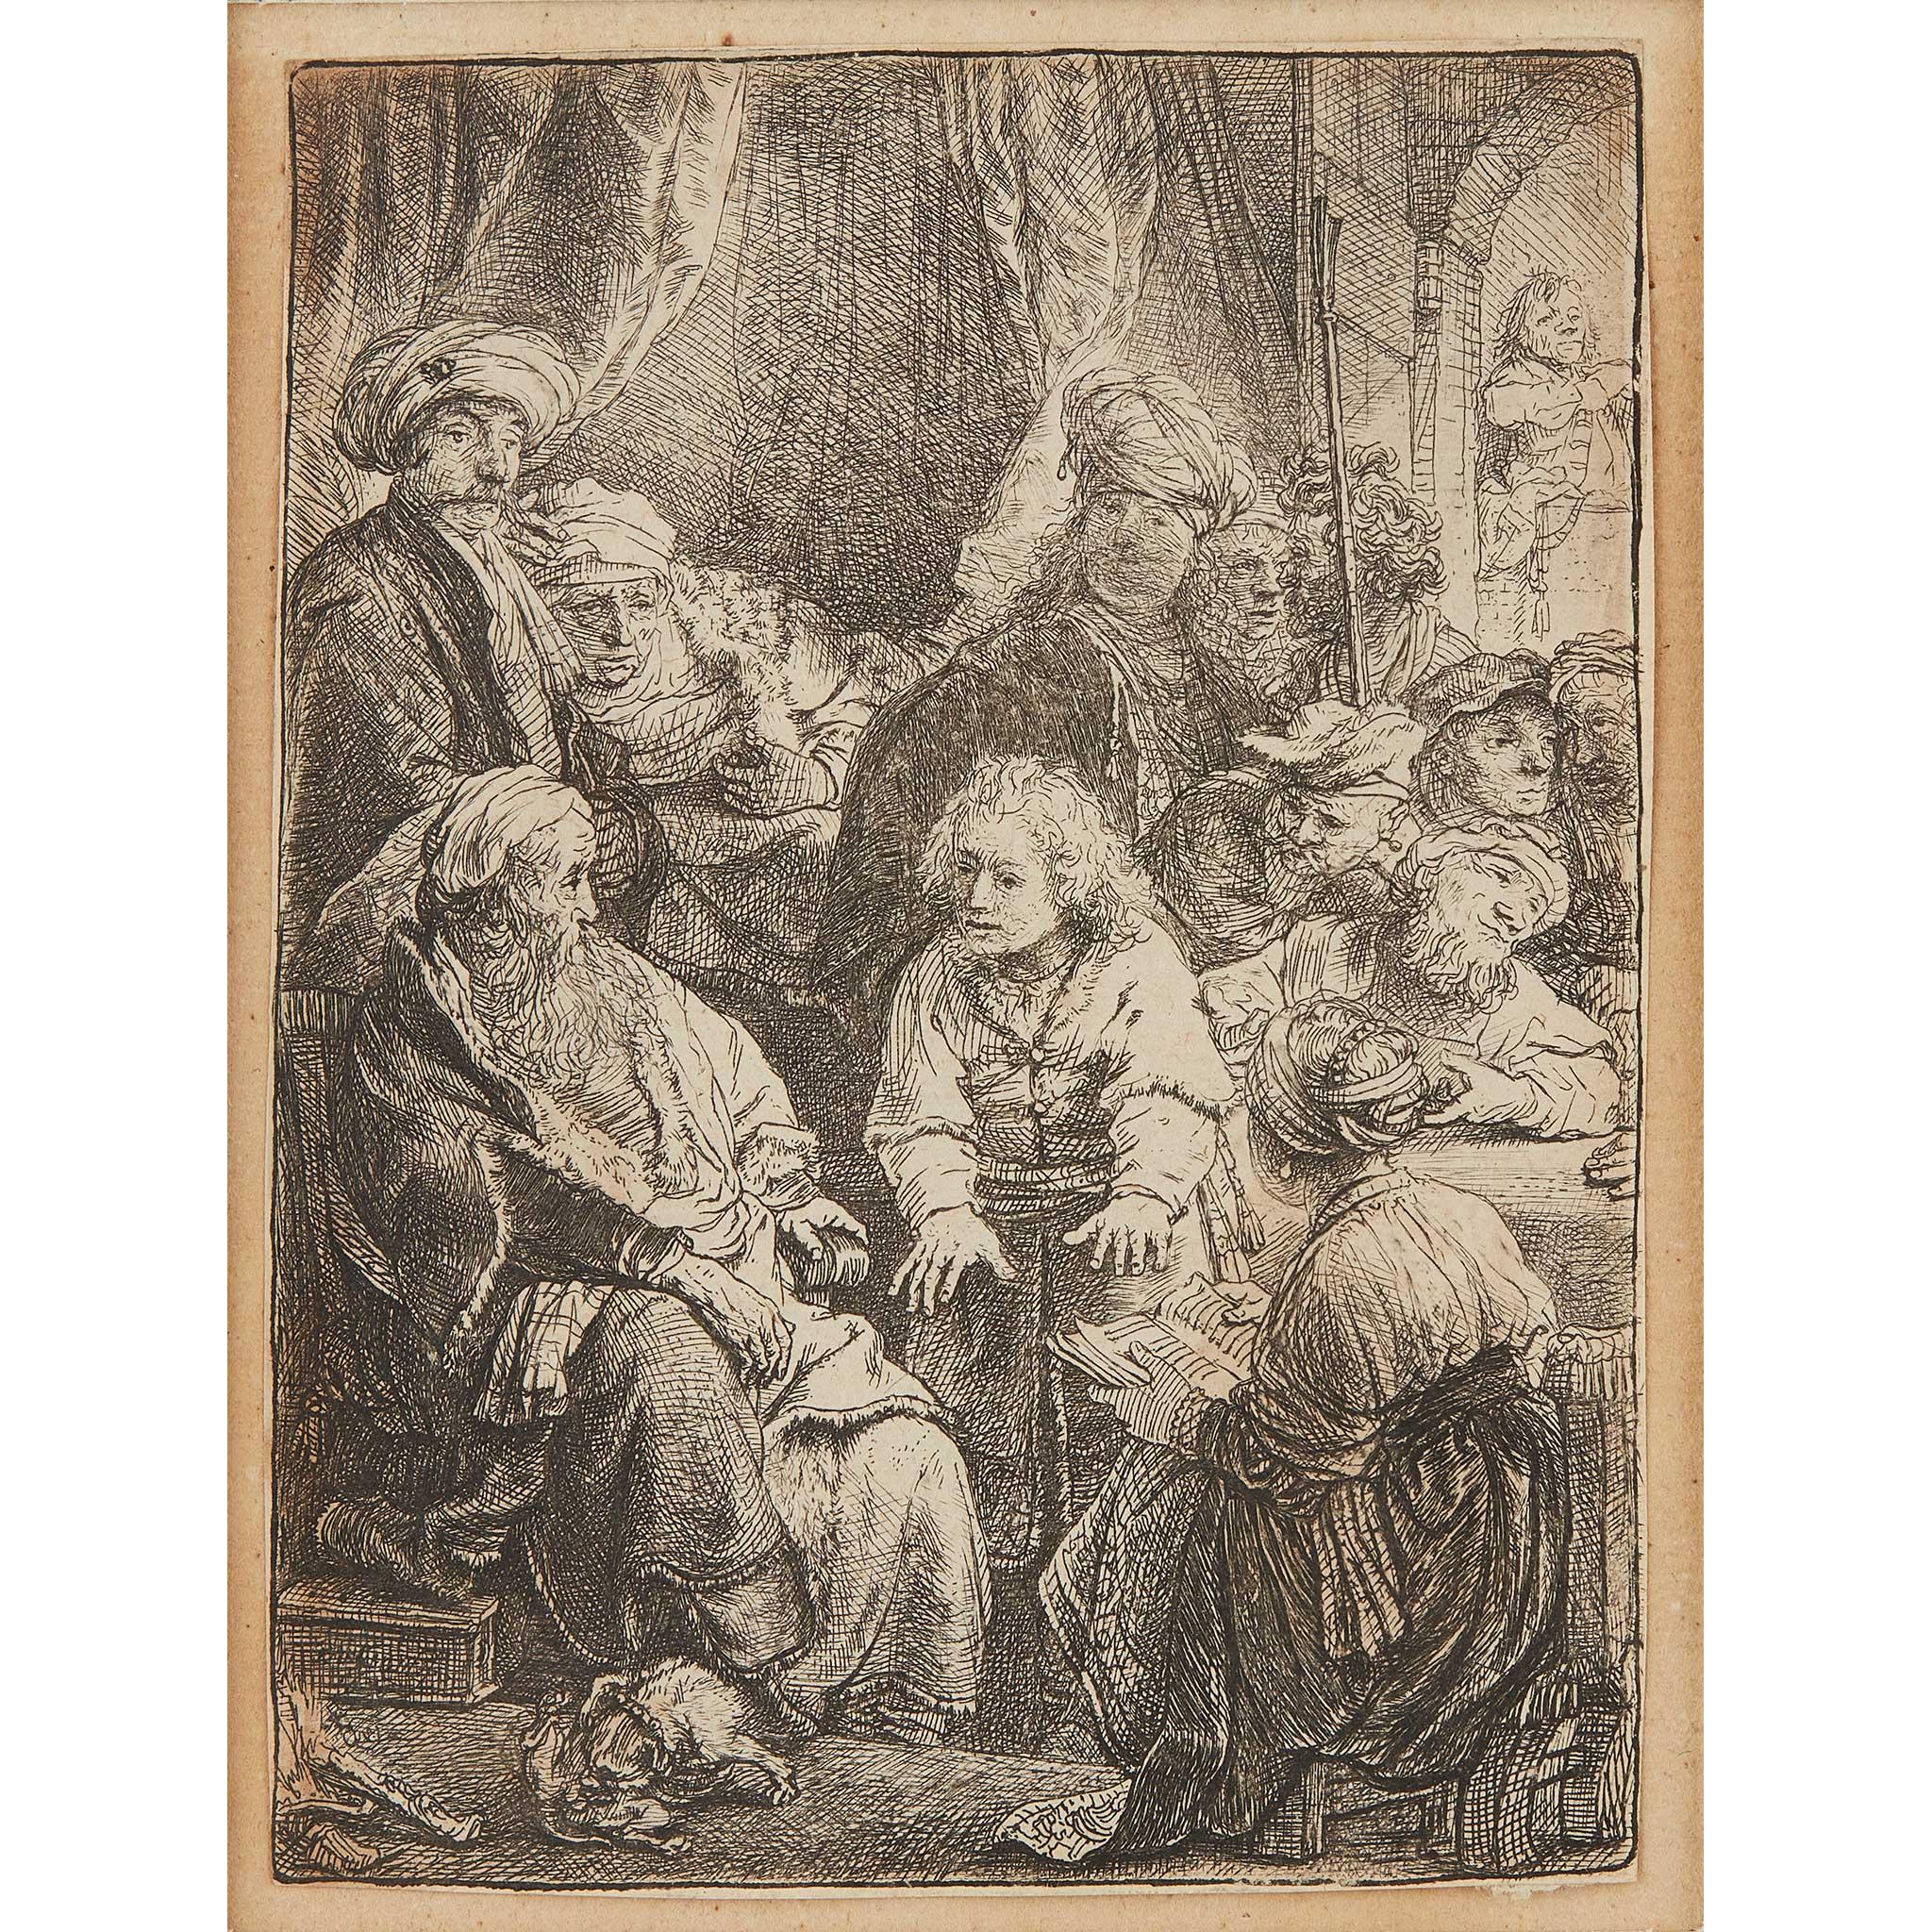 REMBRANDT VAN RIJN (DUTCH 1606-1669) JOSEPH TELLING HIS DREAMS